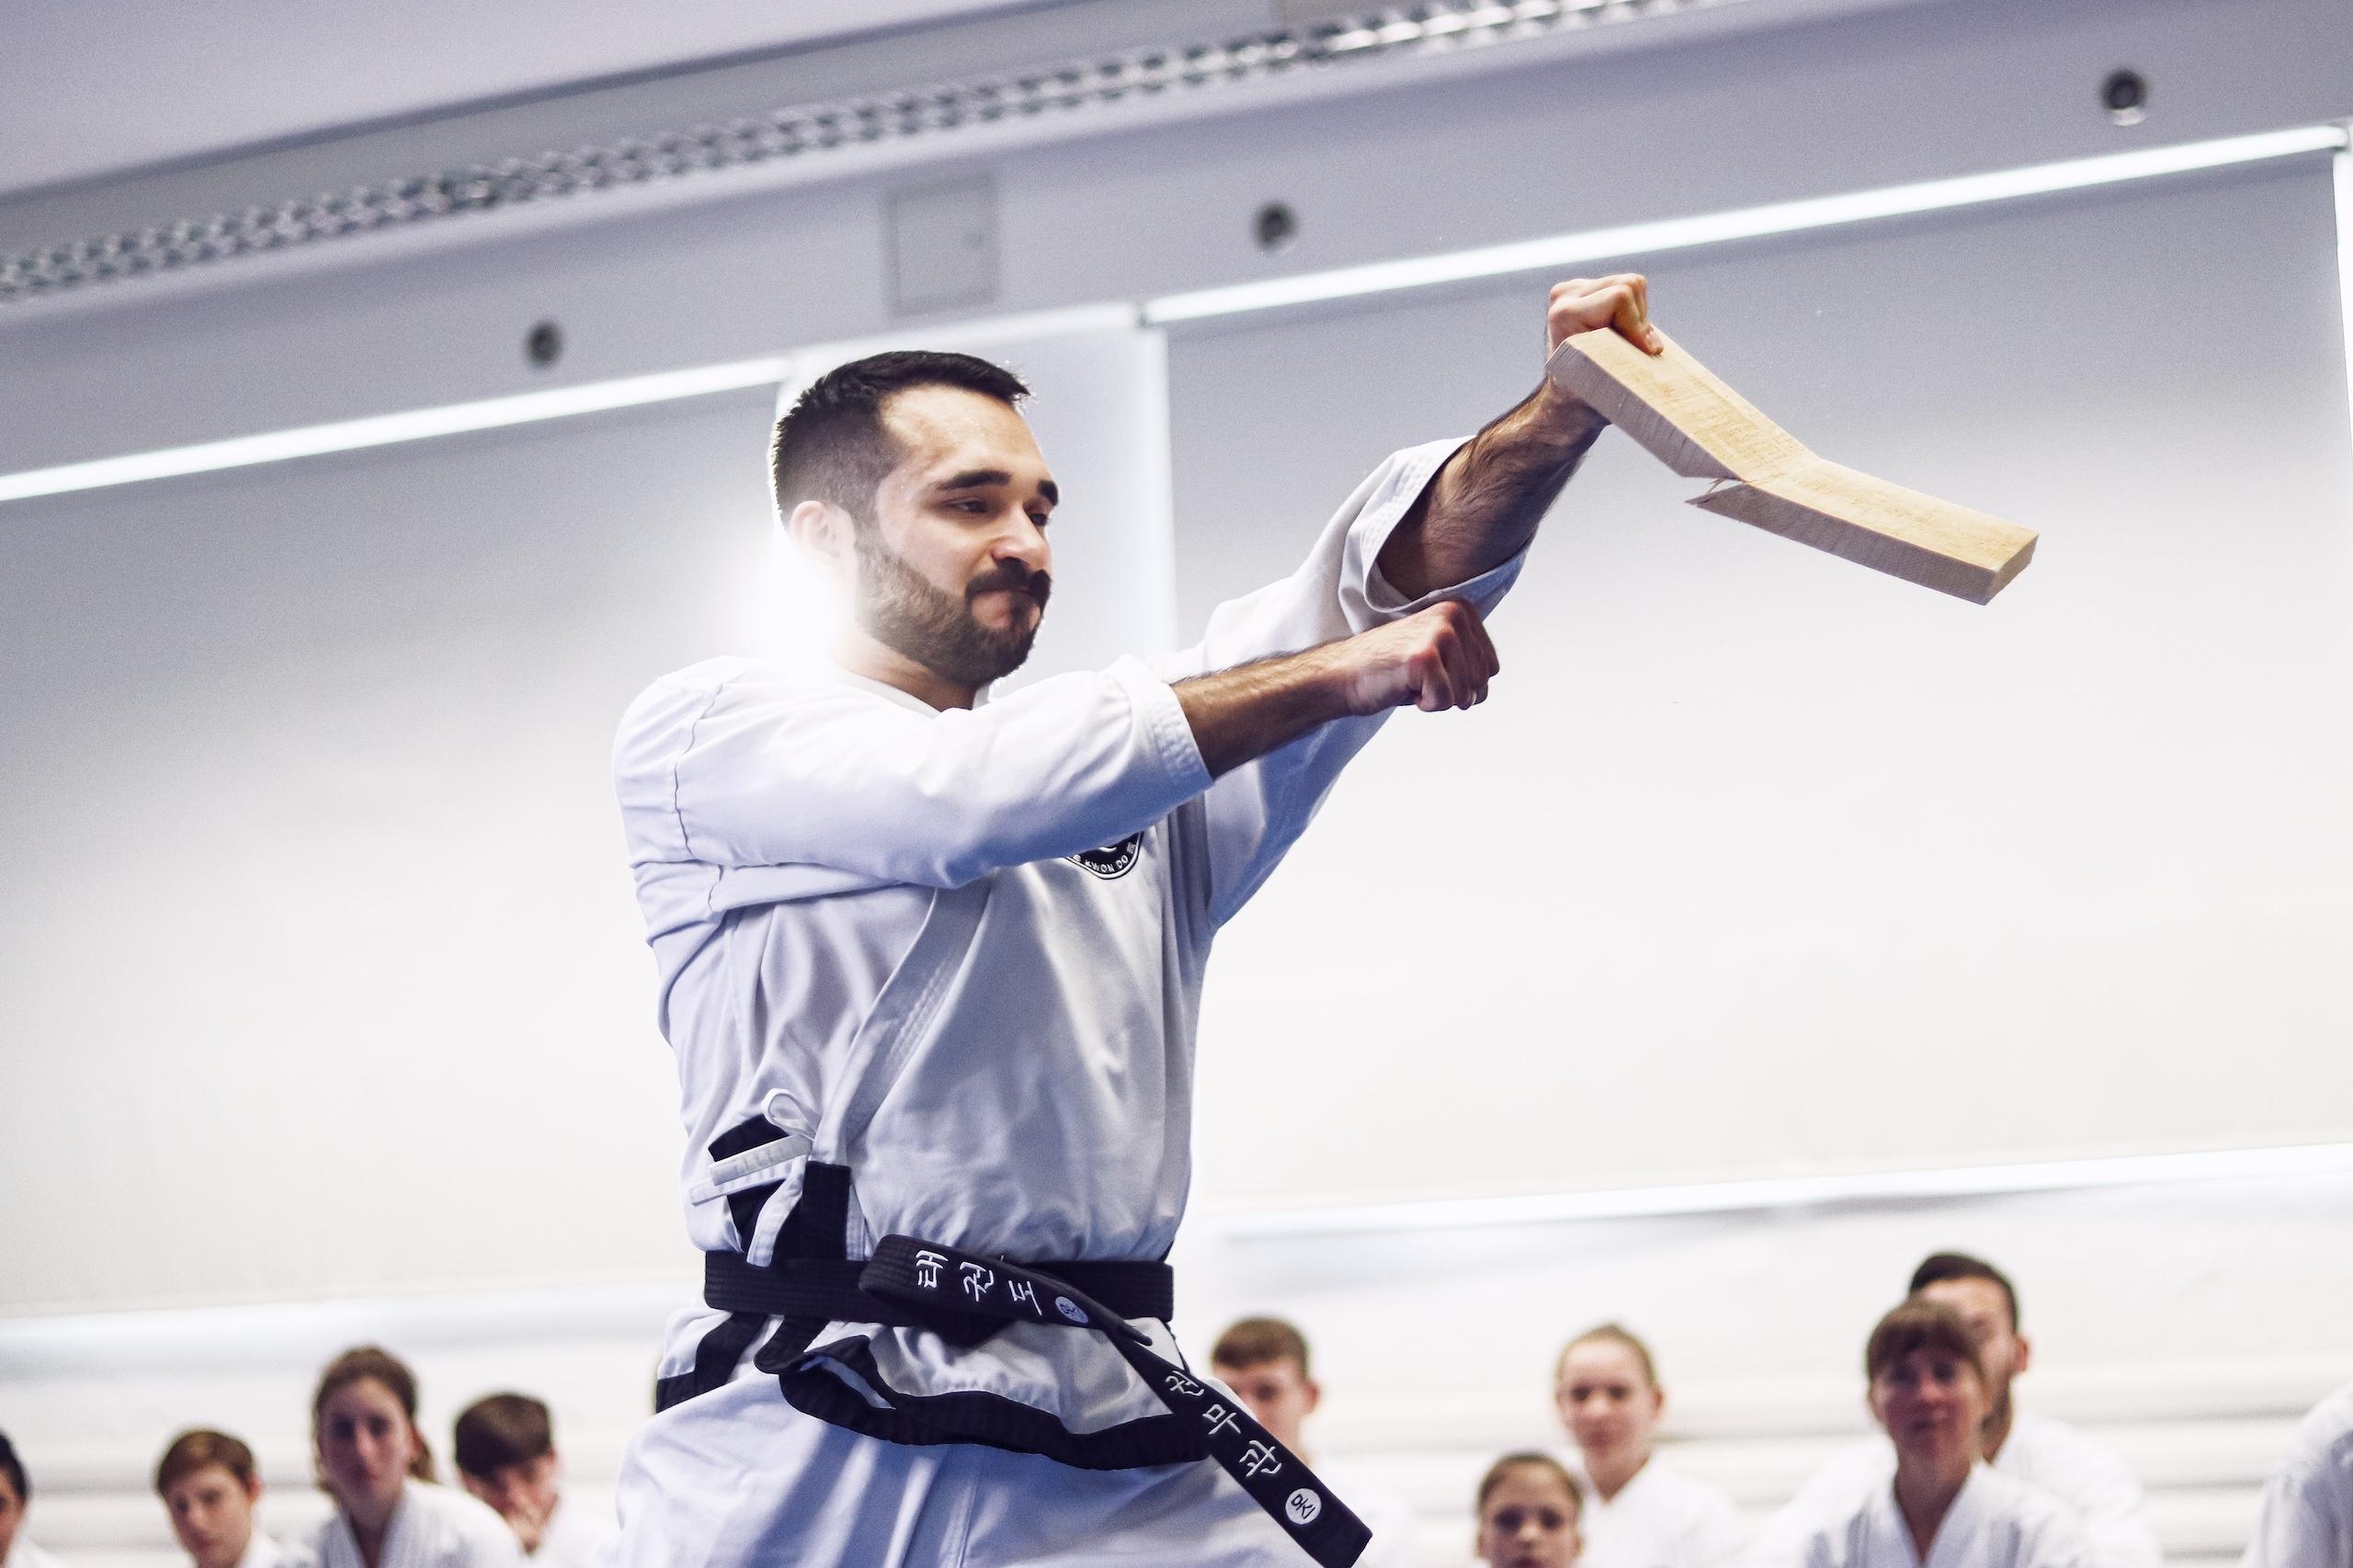 Kampfkunst Ingolstadt